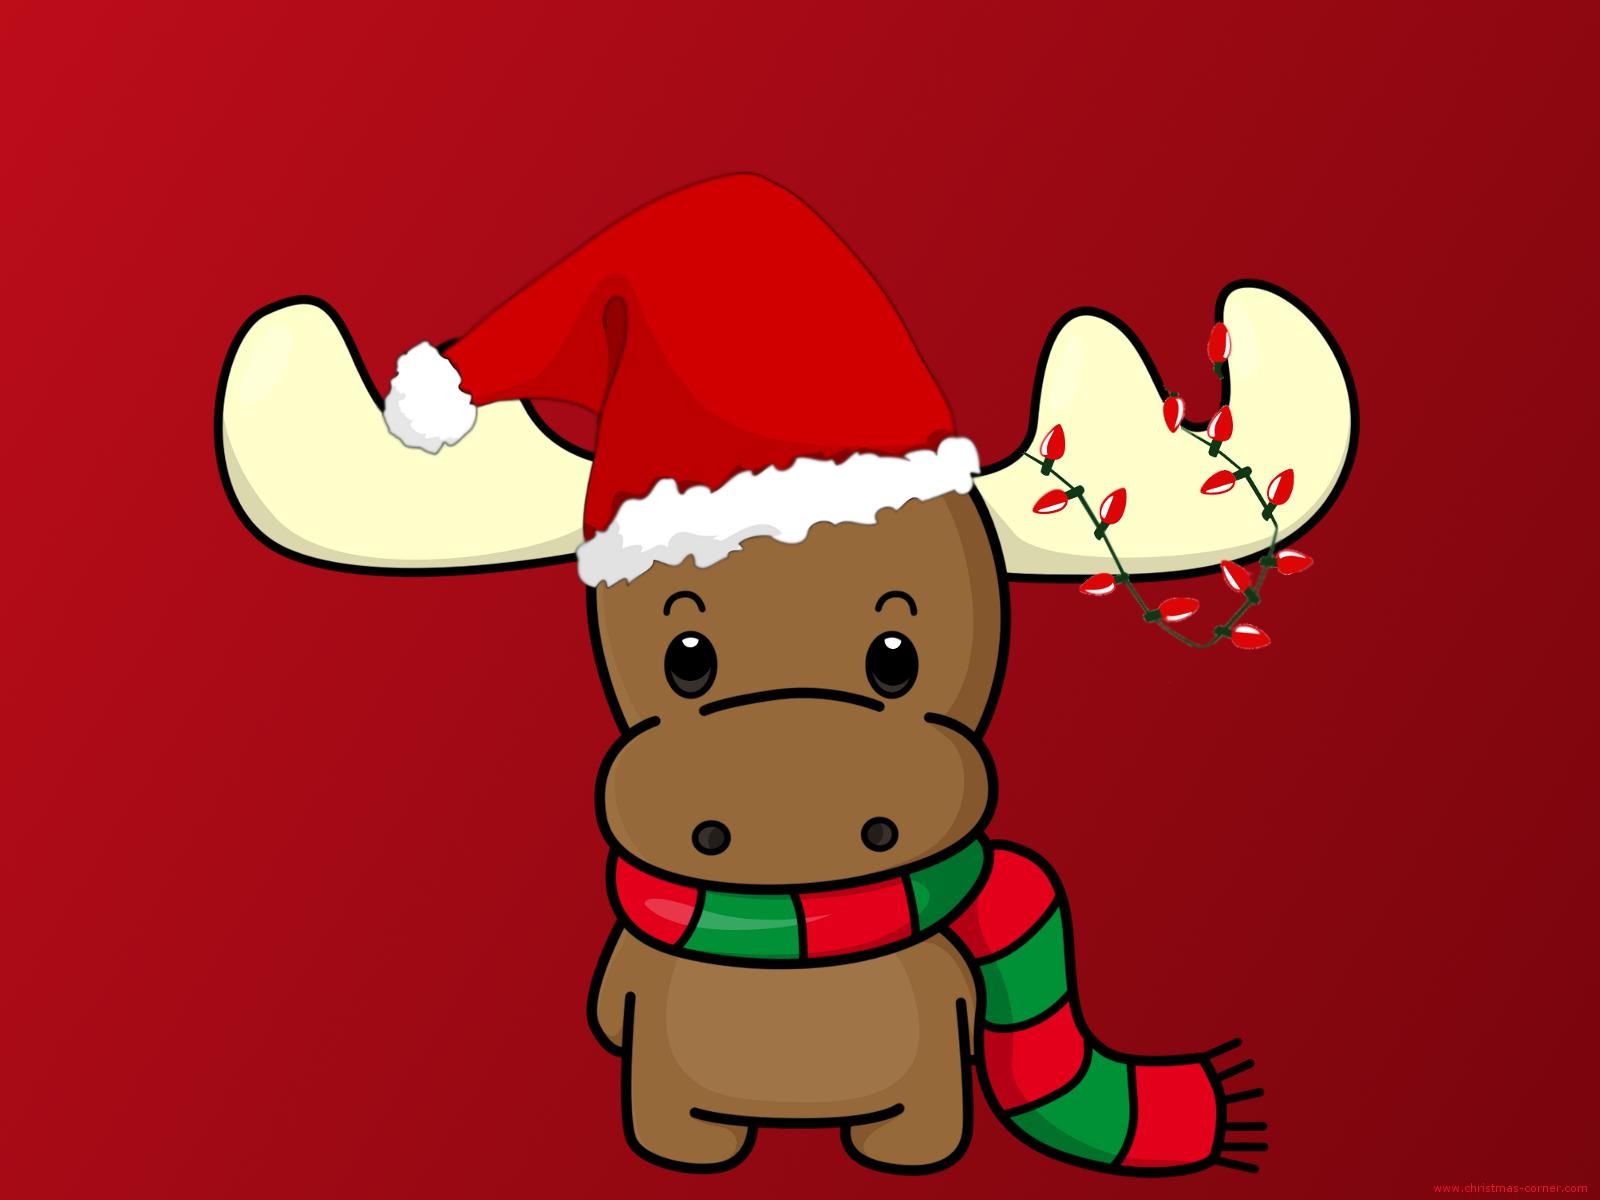 Cute Christmas Deer Exclusive HD Wallpapers 6034 1600x1200